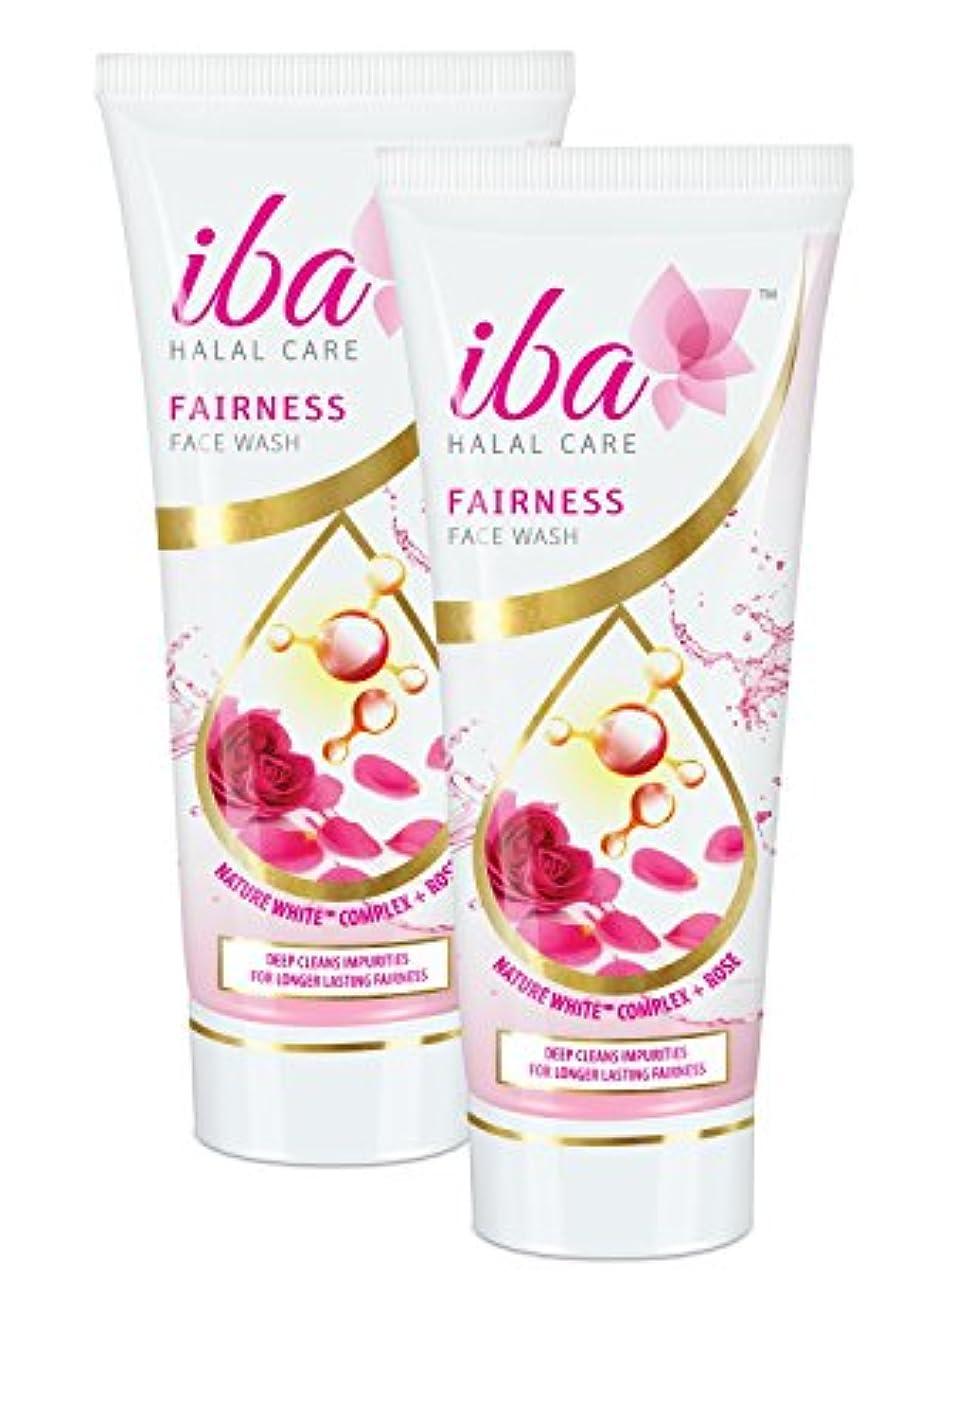 鋸歯状眉をひそめるフォーラムIba Halal Care Fairness Face Wash, 100ml (Pack of 2)